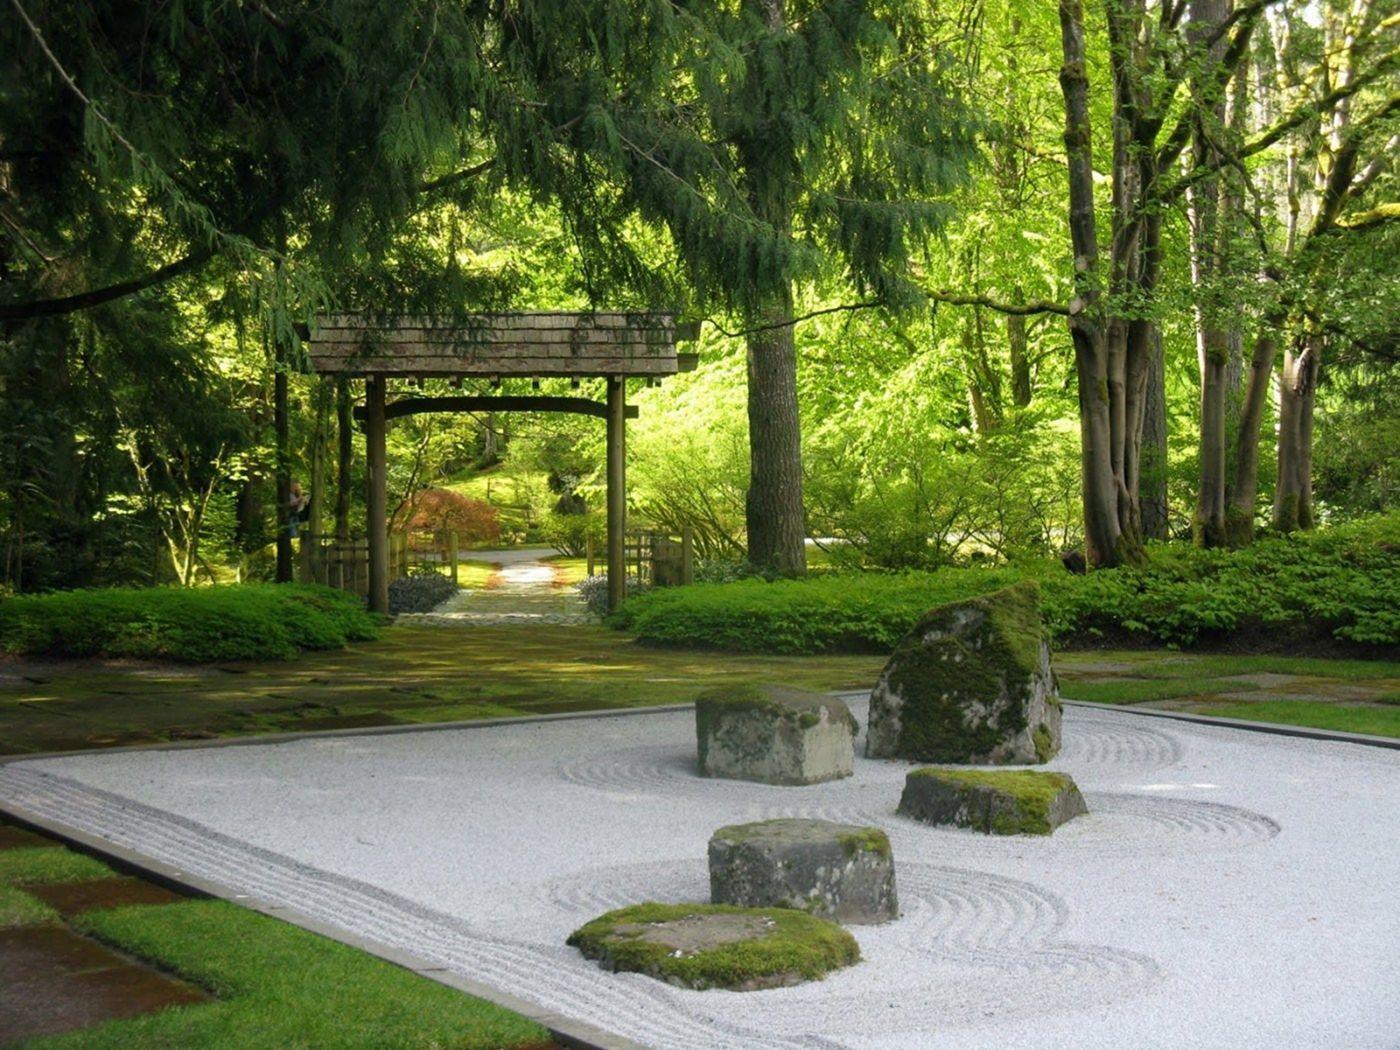 10 Attractive Japanese Garden Design Ideas That Will Enhance Your Landscape #japanesegardendesign